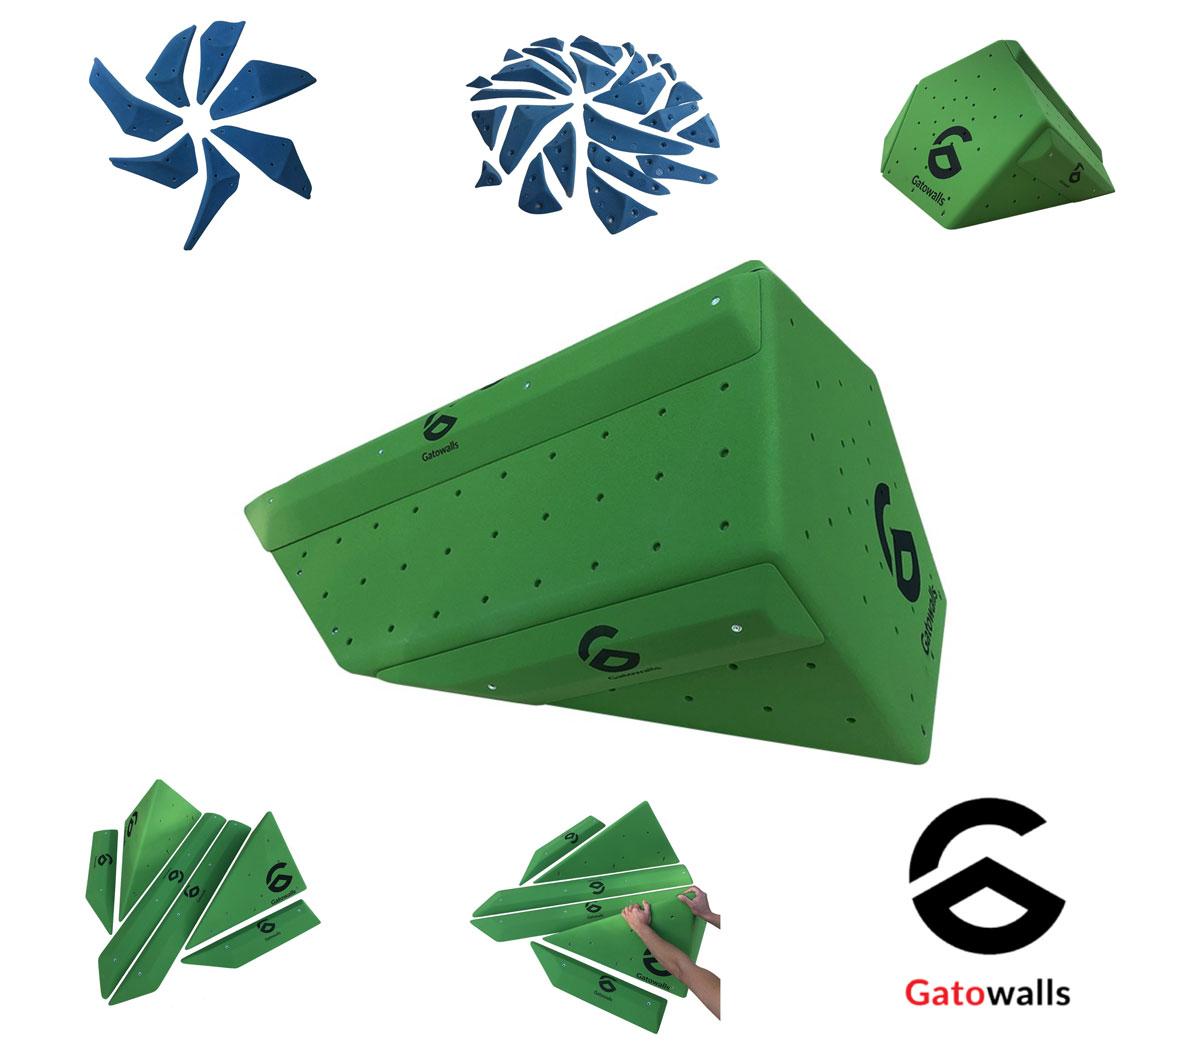 Gatowalls